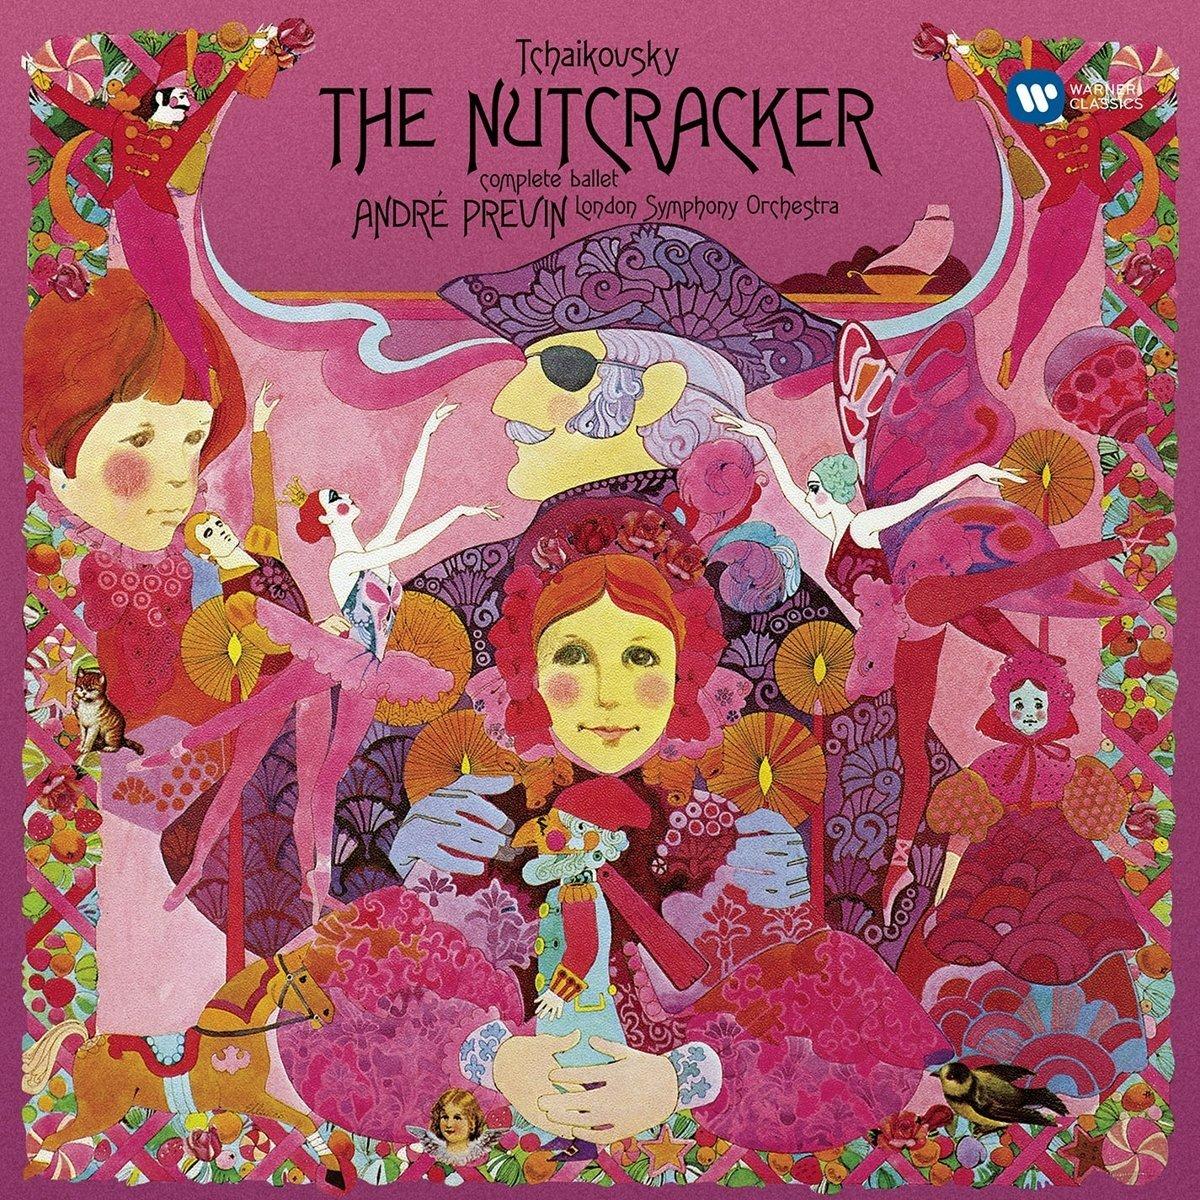 Tchaikovsky - The Nutcracker - Vinyl